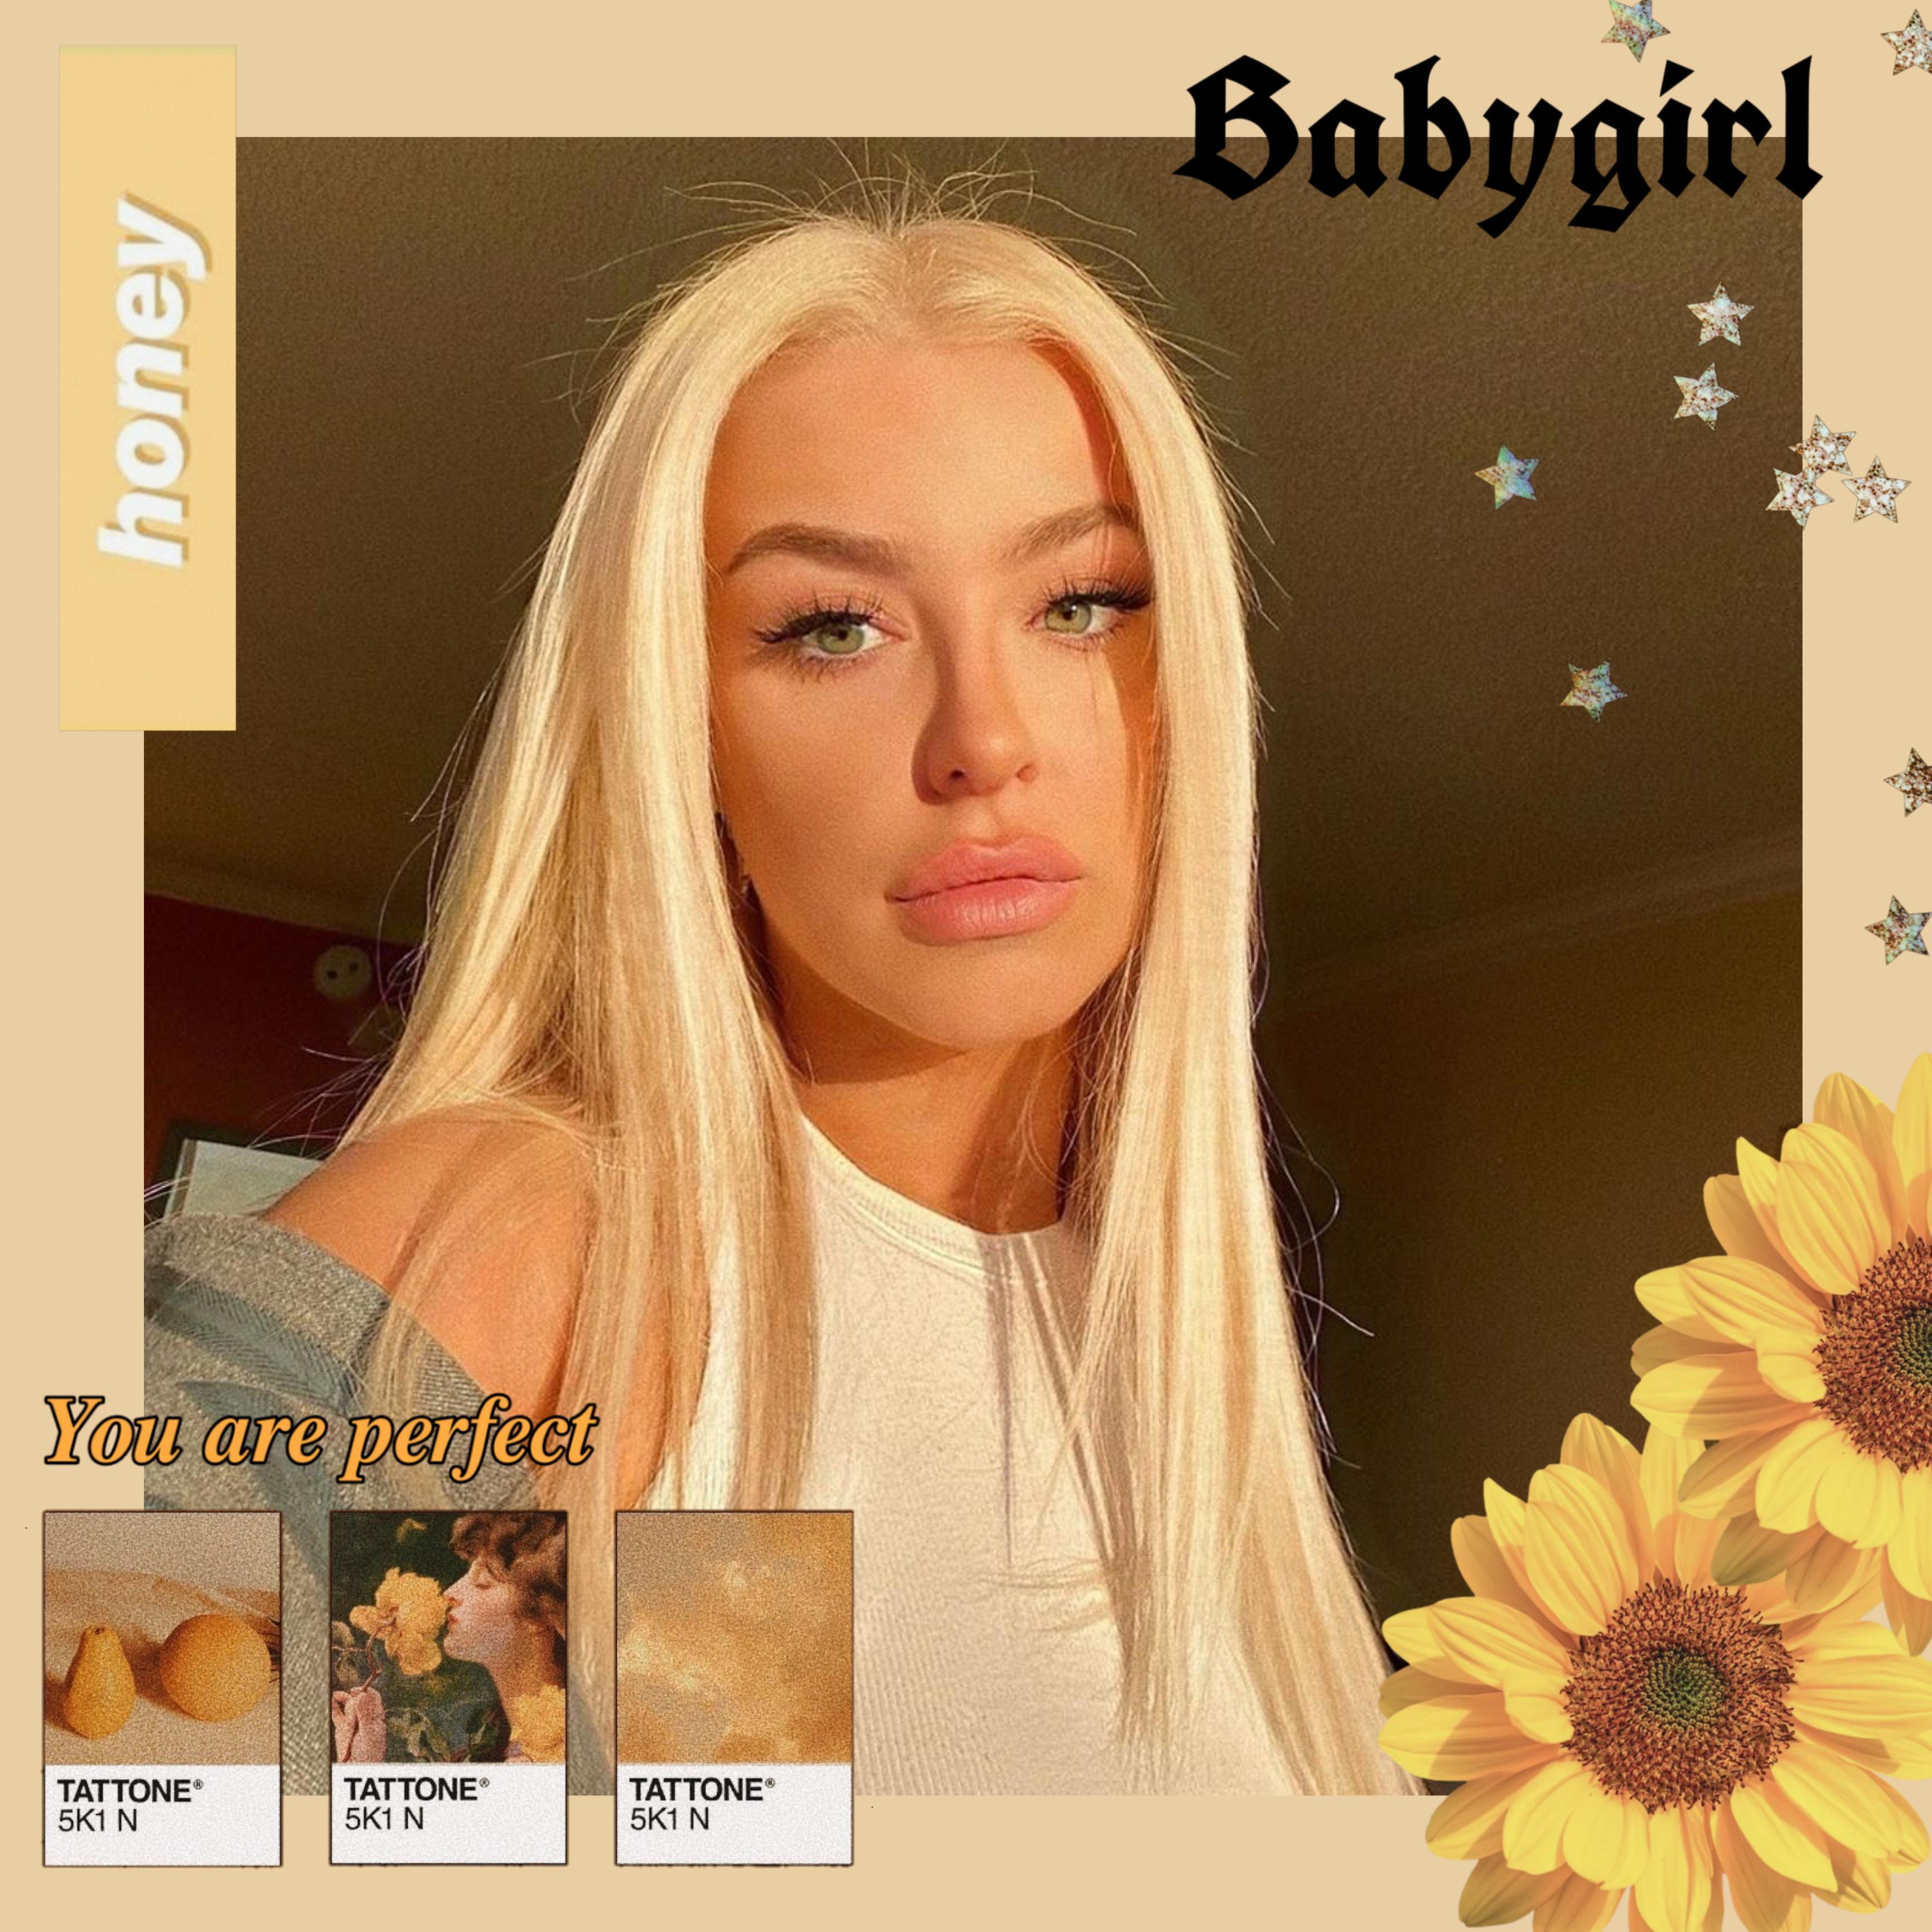 #freetoedit #replay #edit #tanamongeau #yellow #yellowaesthetic #flowers #honey #babygirl #tan #aestheticvintage #popular #youtube #replayedits #aesthetic